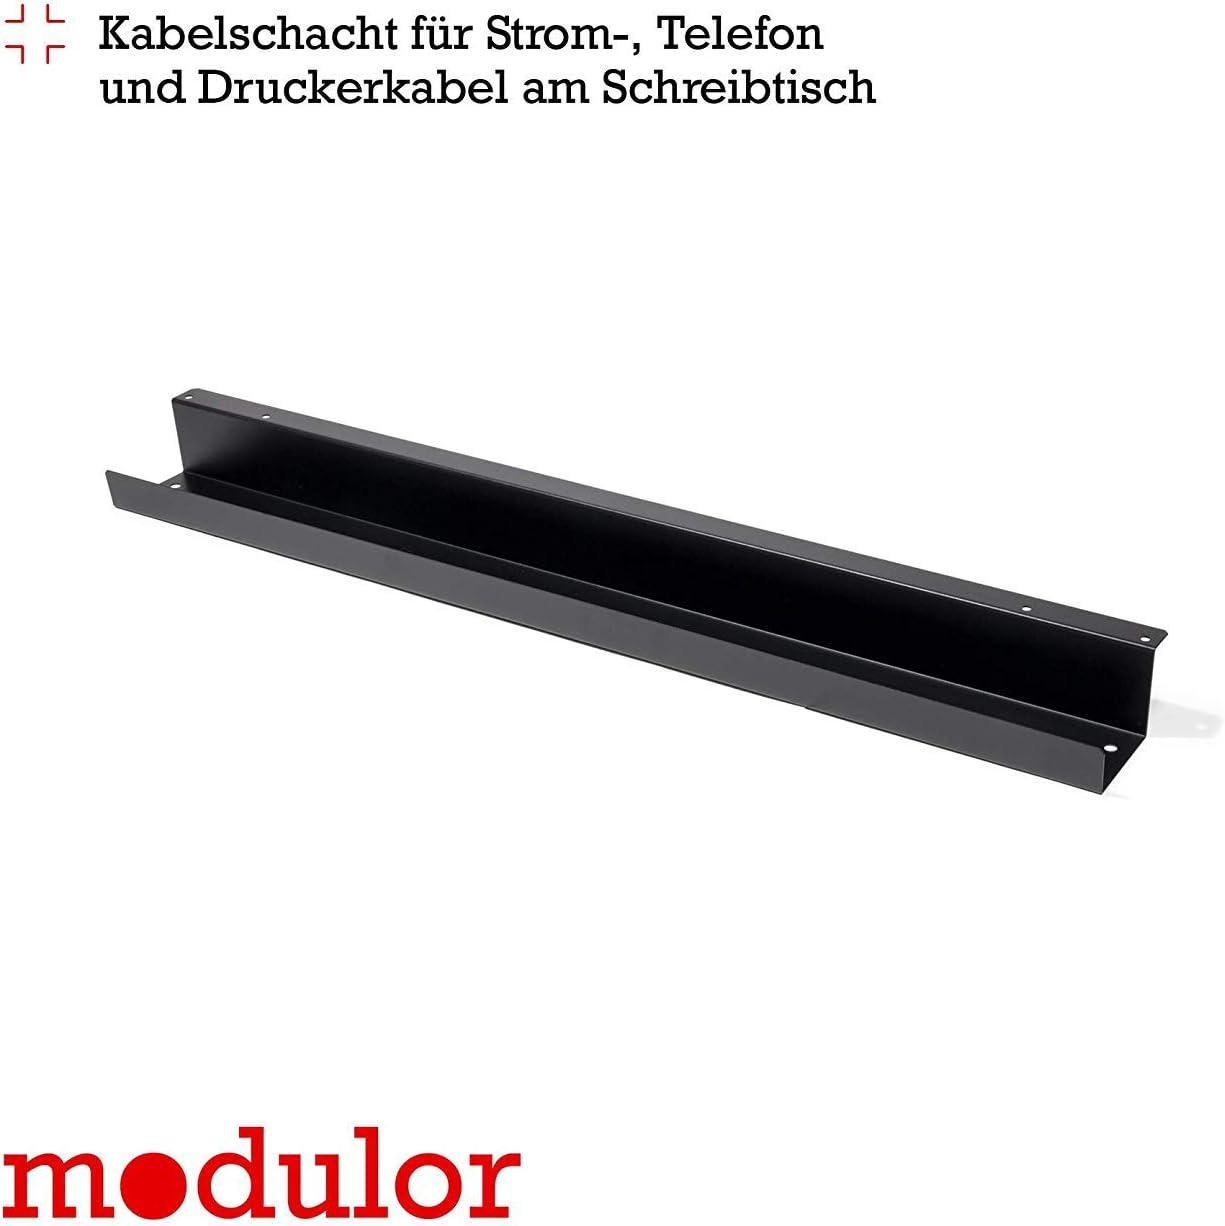 Kabelf/ührung f/ür den Schreibtisch Modulor Kabelkanal Kabelhalterung inklusive Schrauben anthrazit 7 x 9 x 102,5 cm